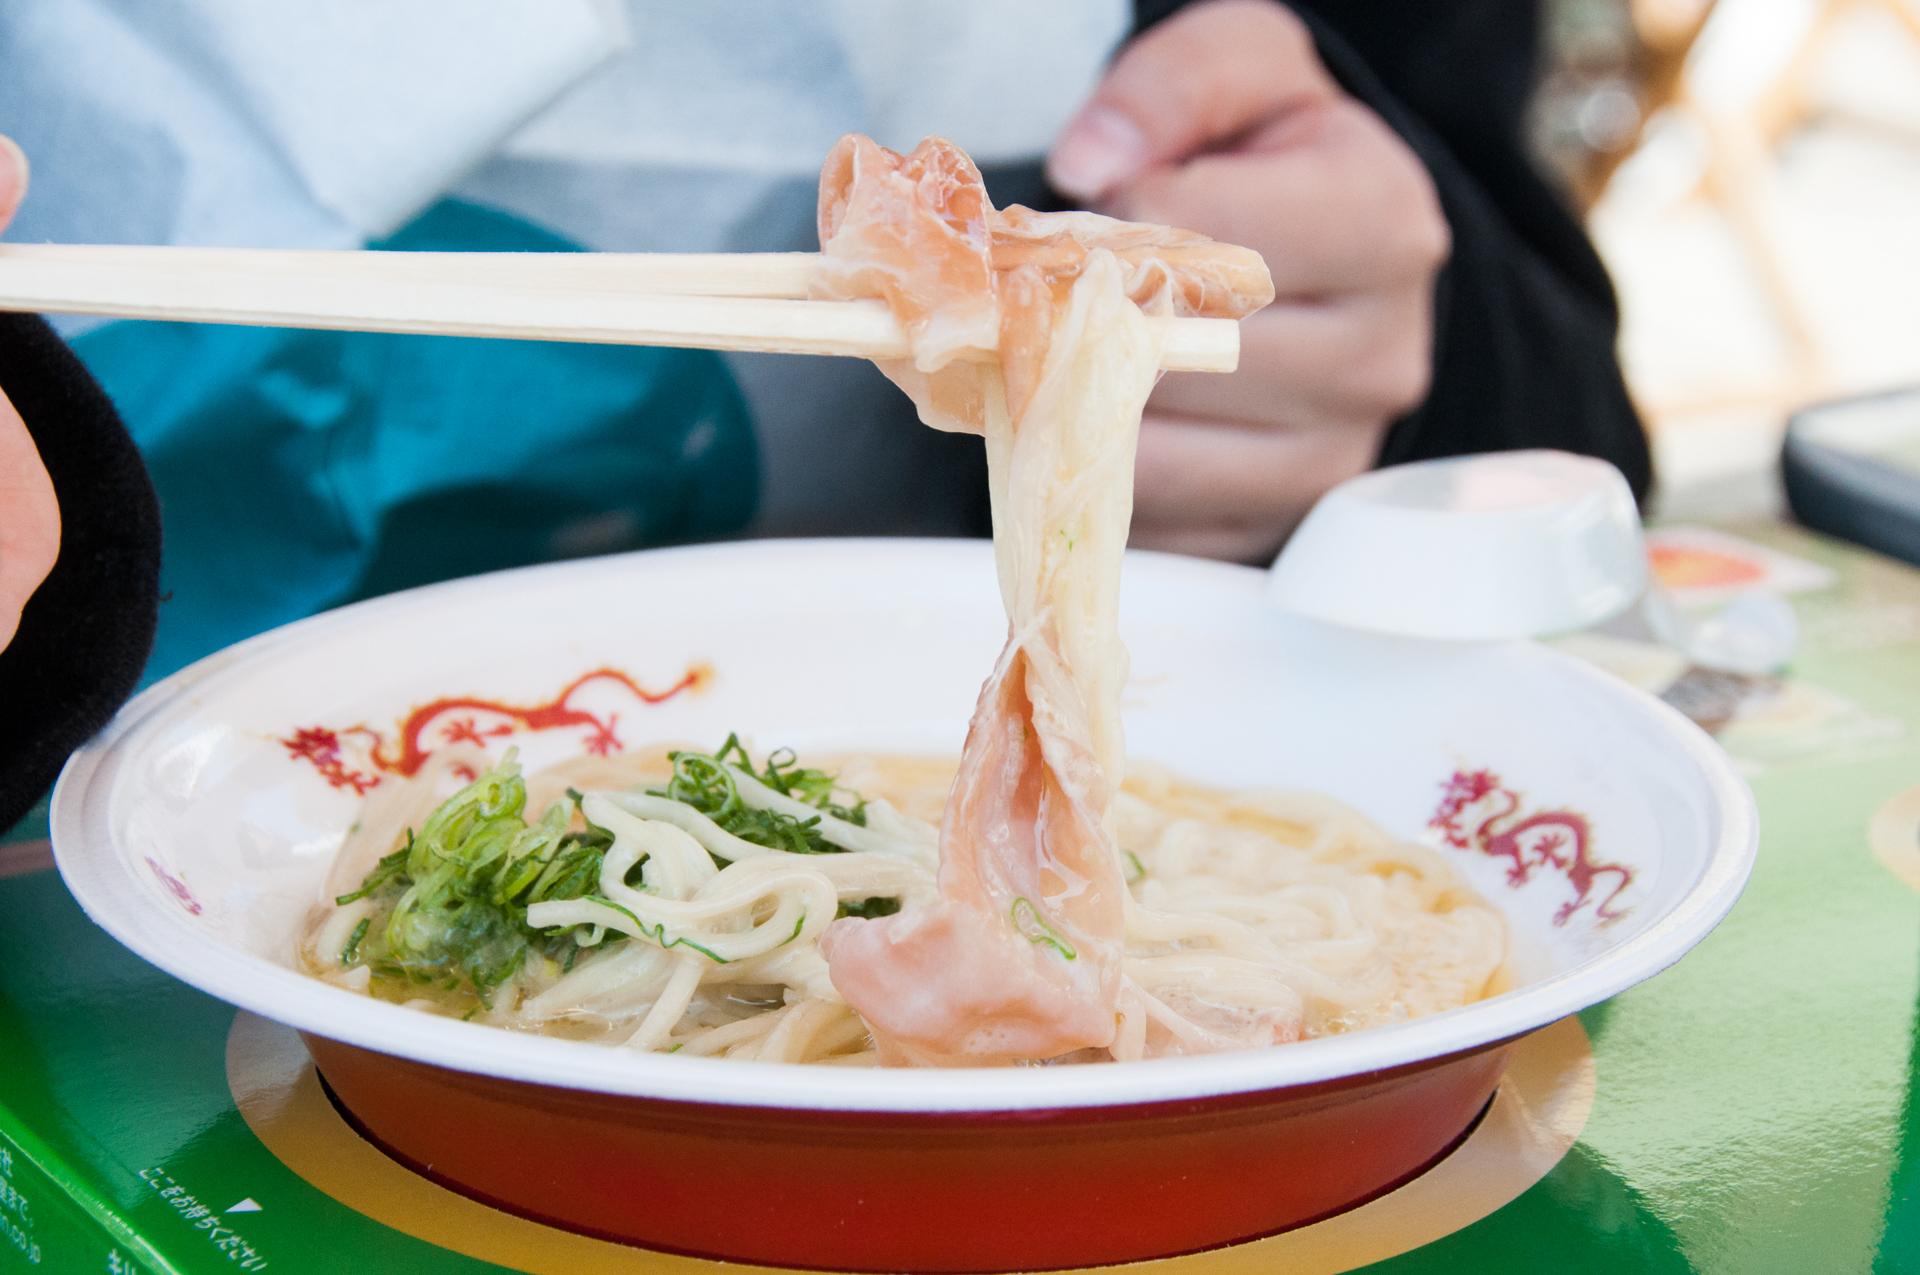 ラーメン女子博 黄金の塩らぁ麺 ドゥエイタリアン「らぁ麺フロマージュ」